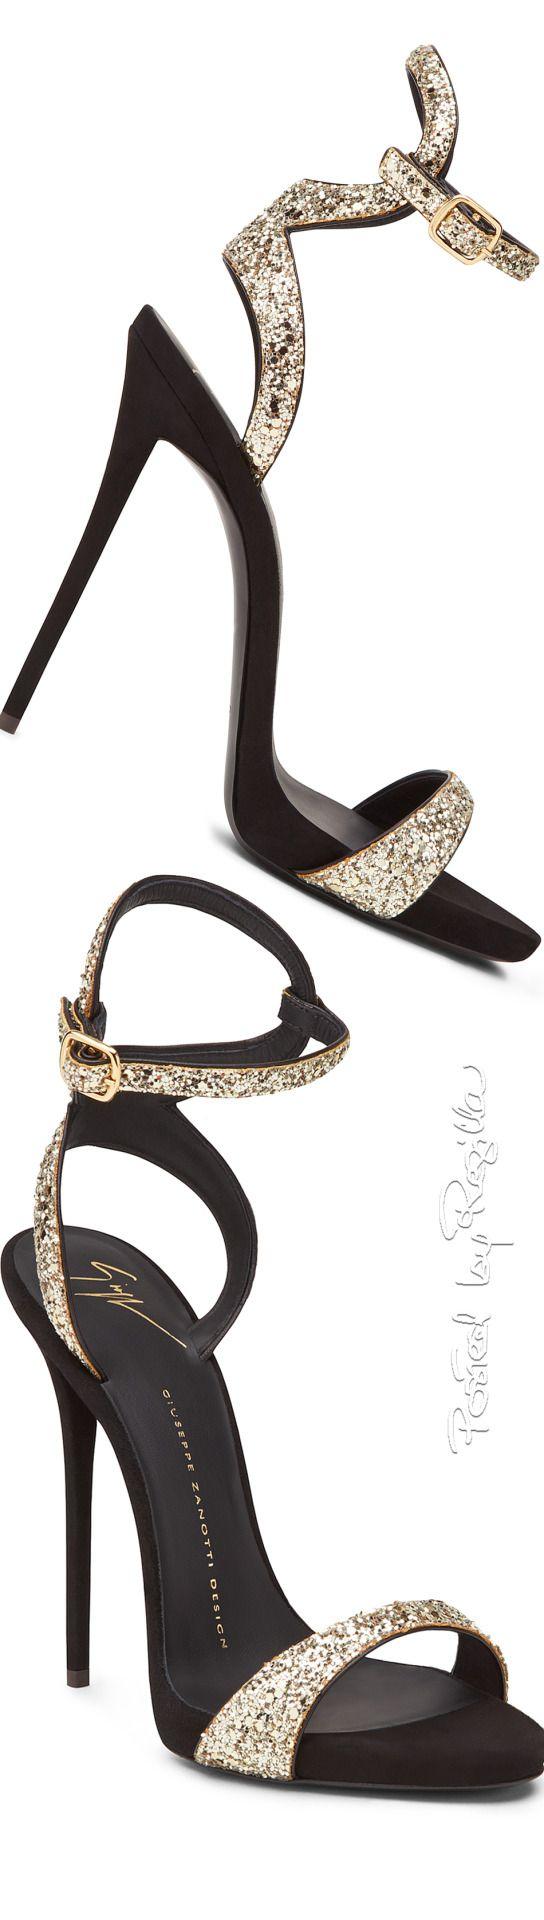 die besten 25 high heels mit glitzer ideen auf pinterest prickelnde high heels funkelnde. Black Bedroom Furniture Sets. Home Design Ideas